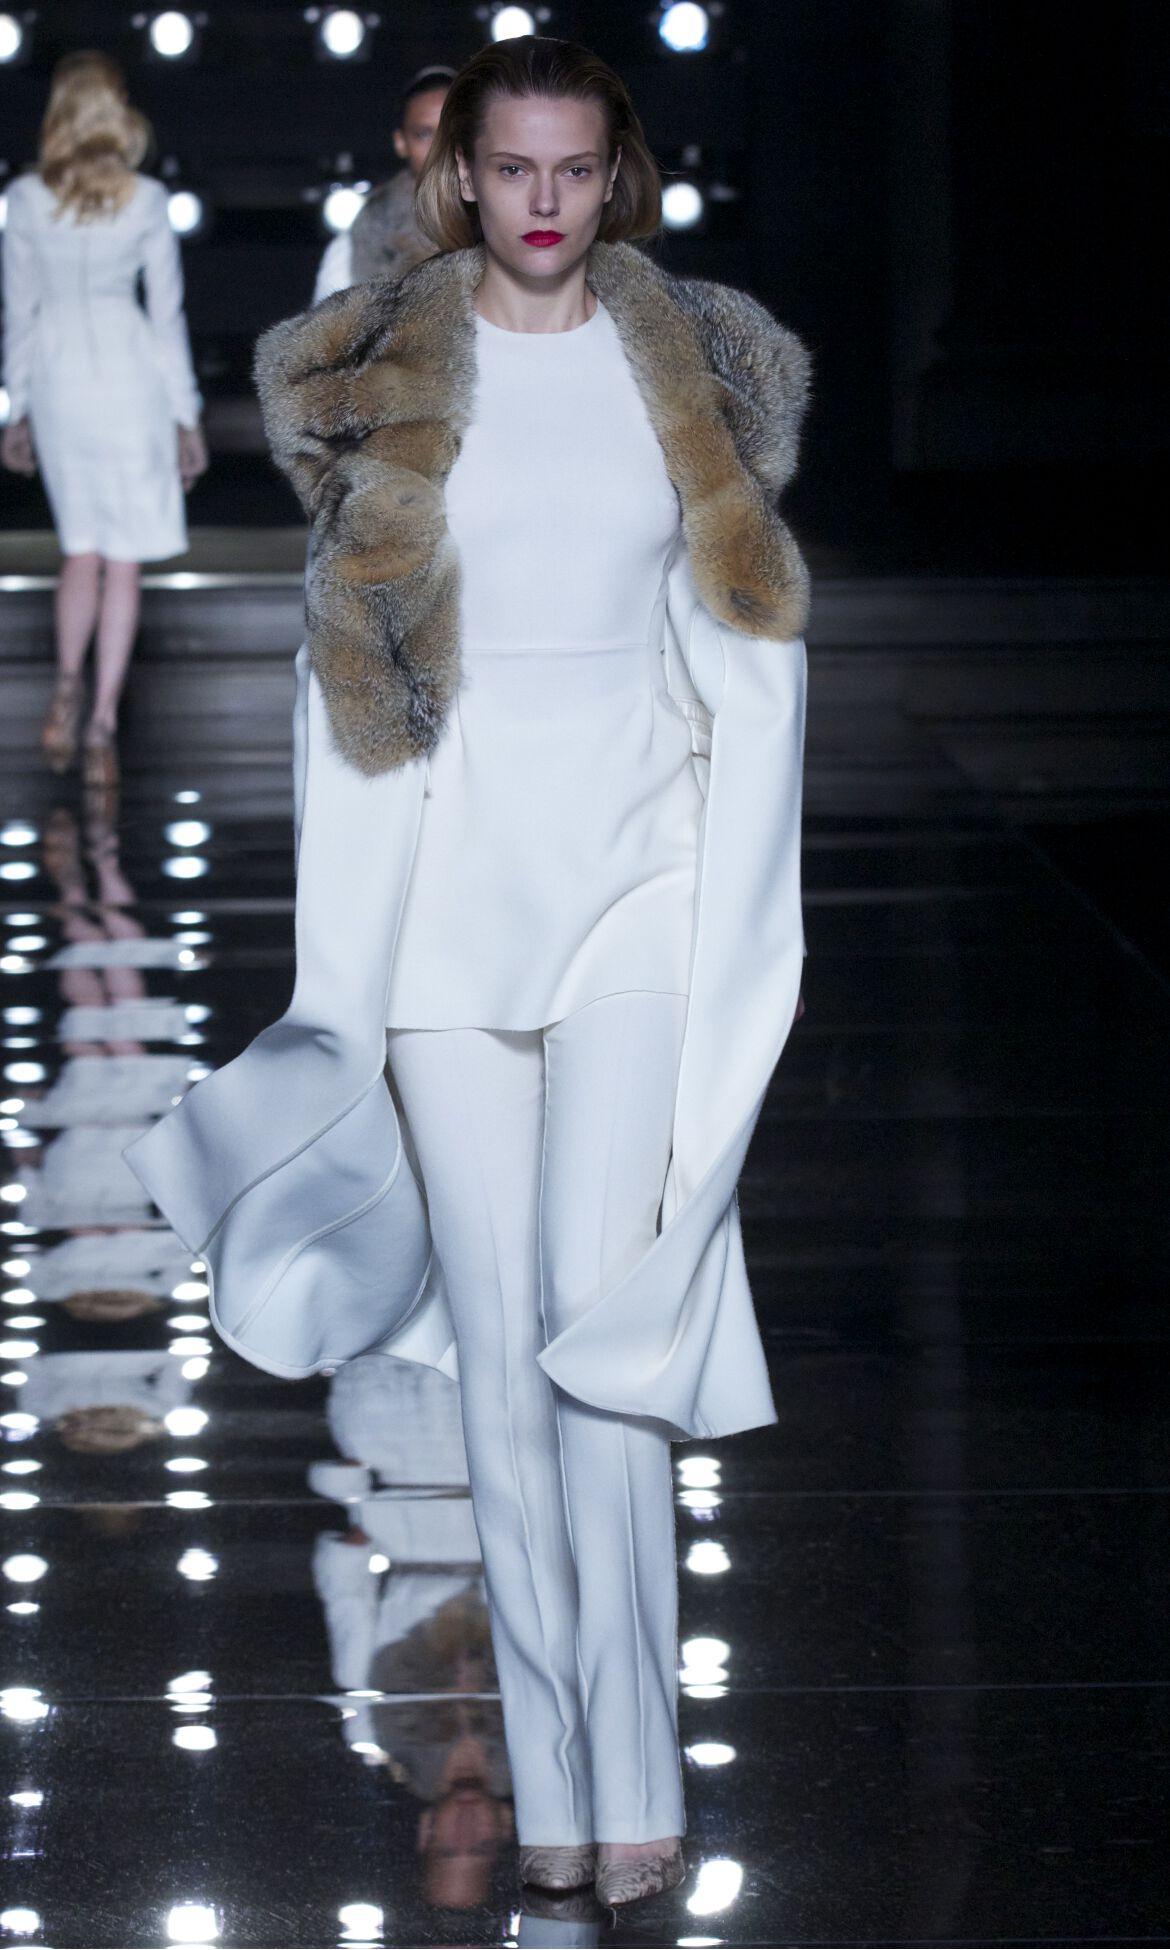 Fashion Model Ermanno Scervino Catwalk